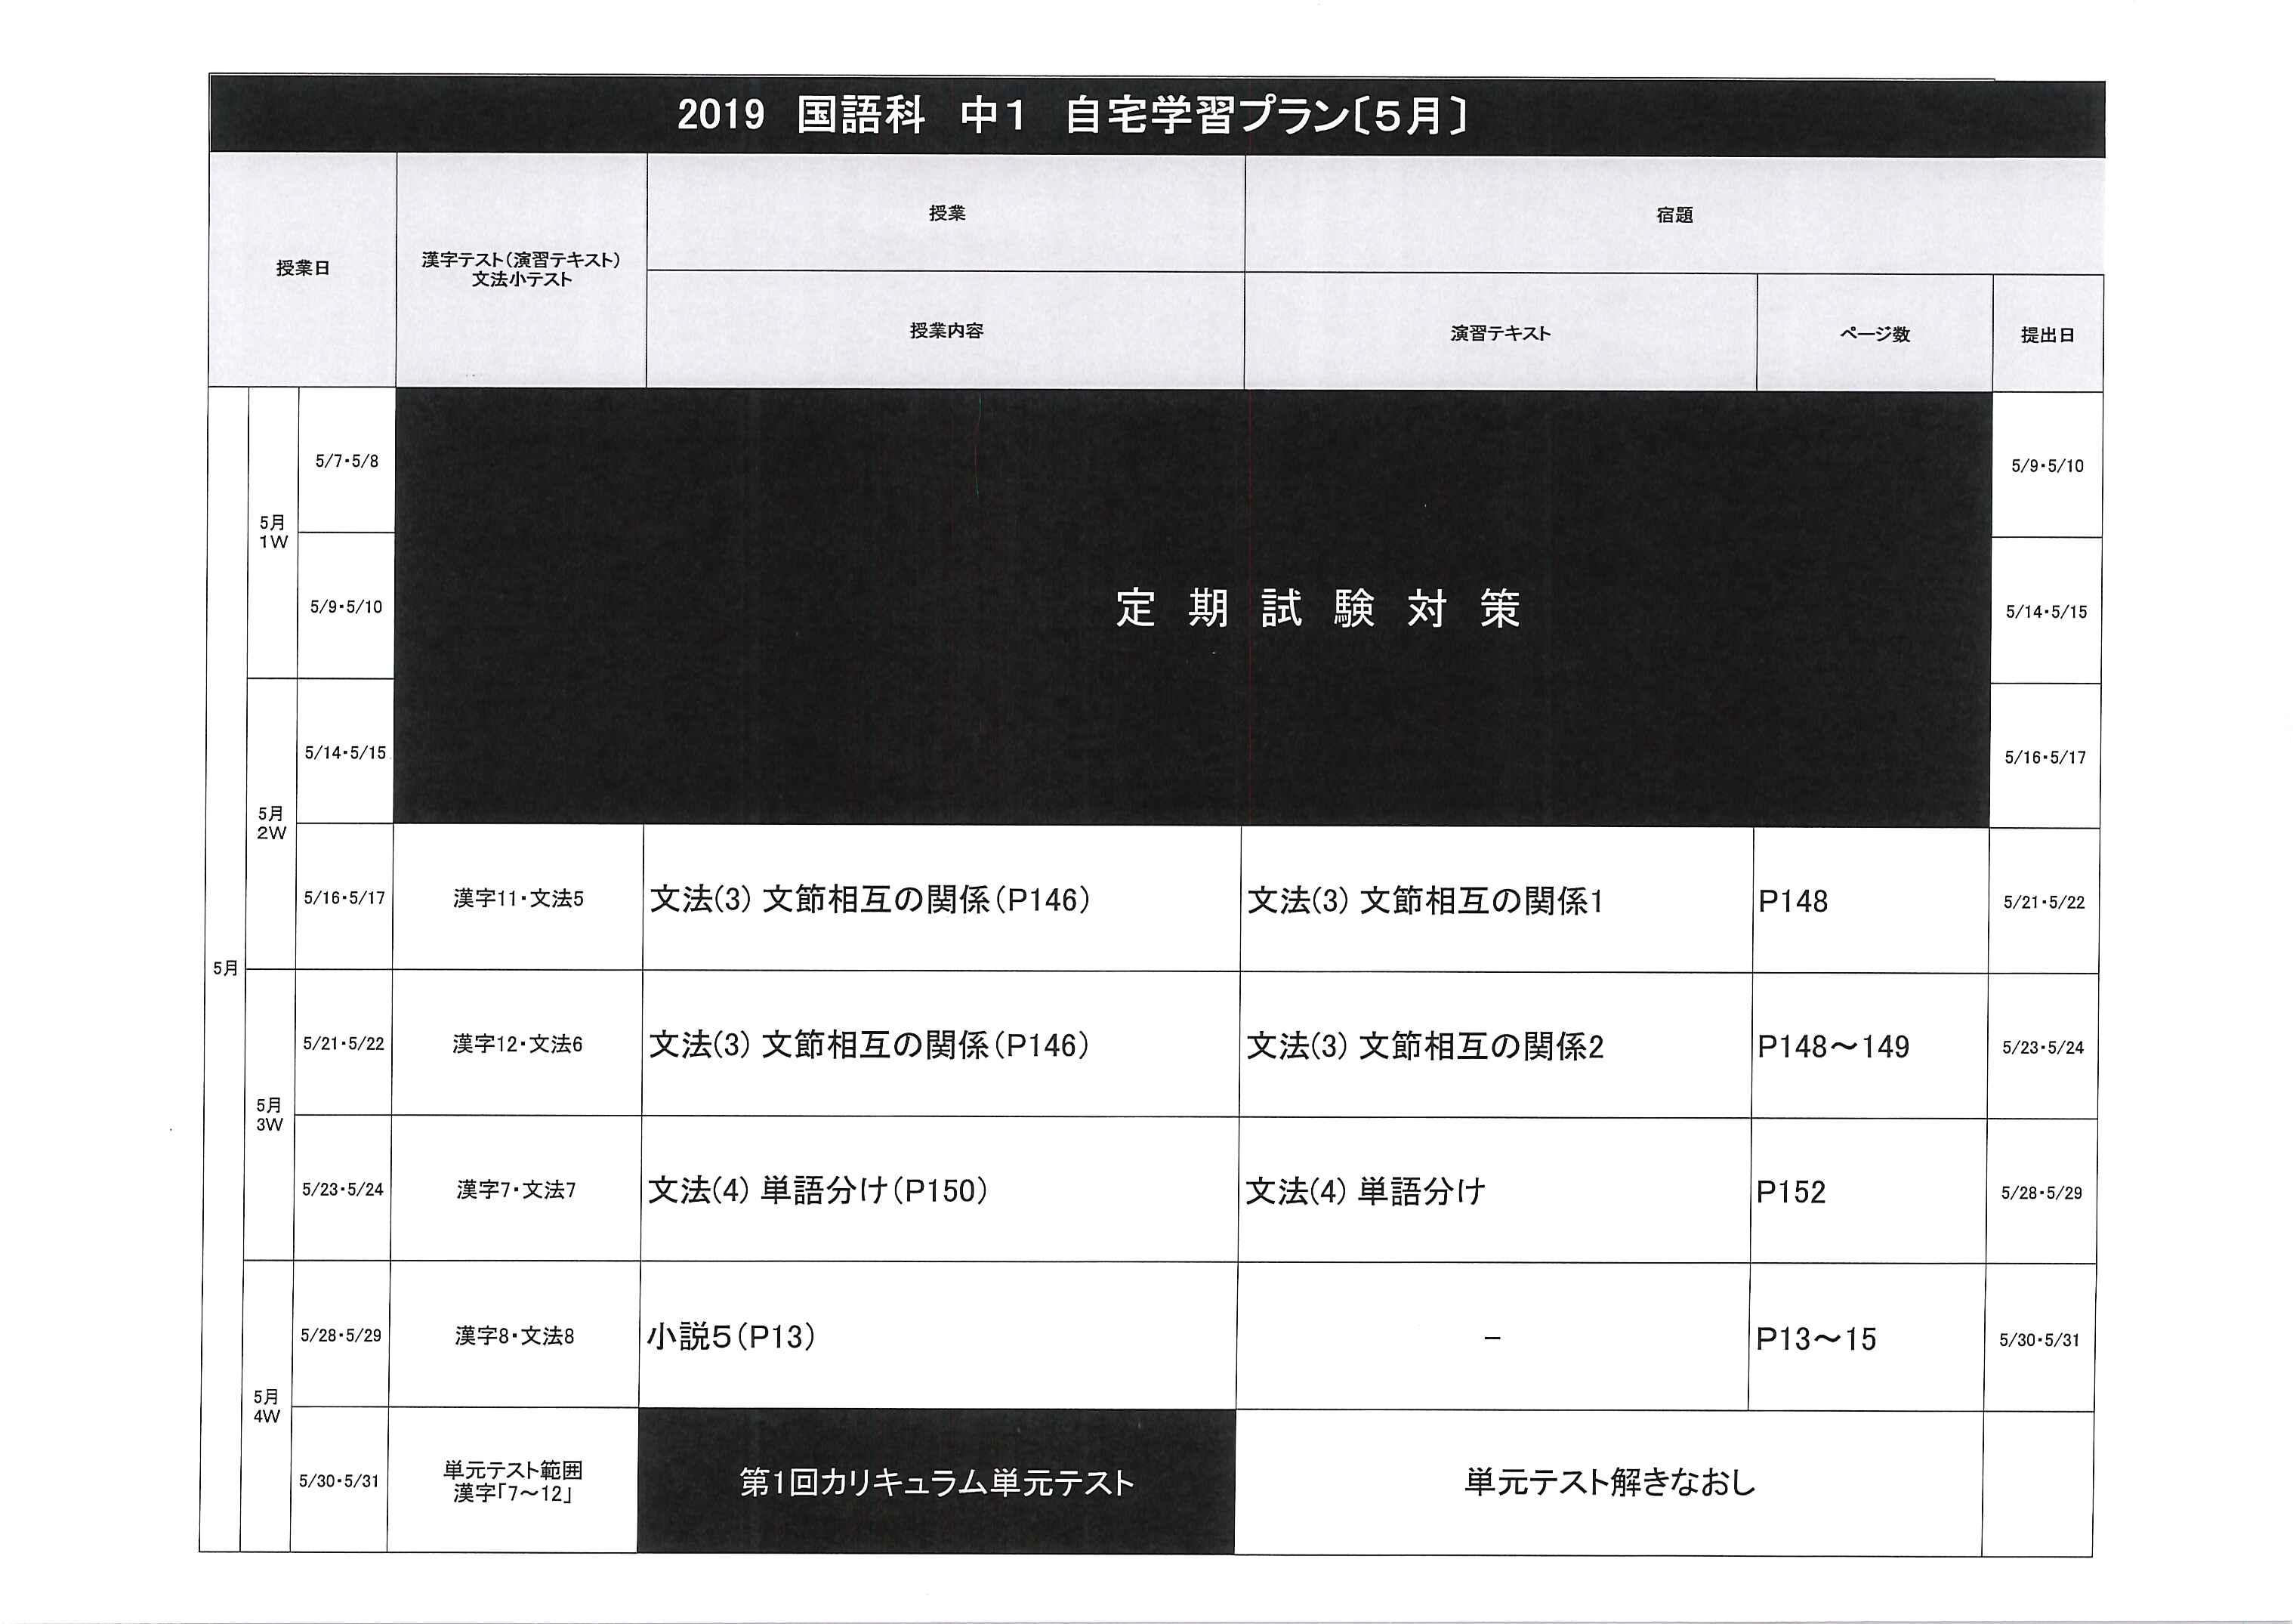 2019年5月中学生宿題小テスト表【HP用③】.png